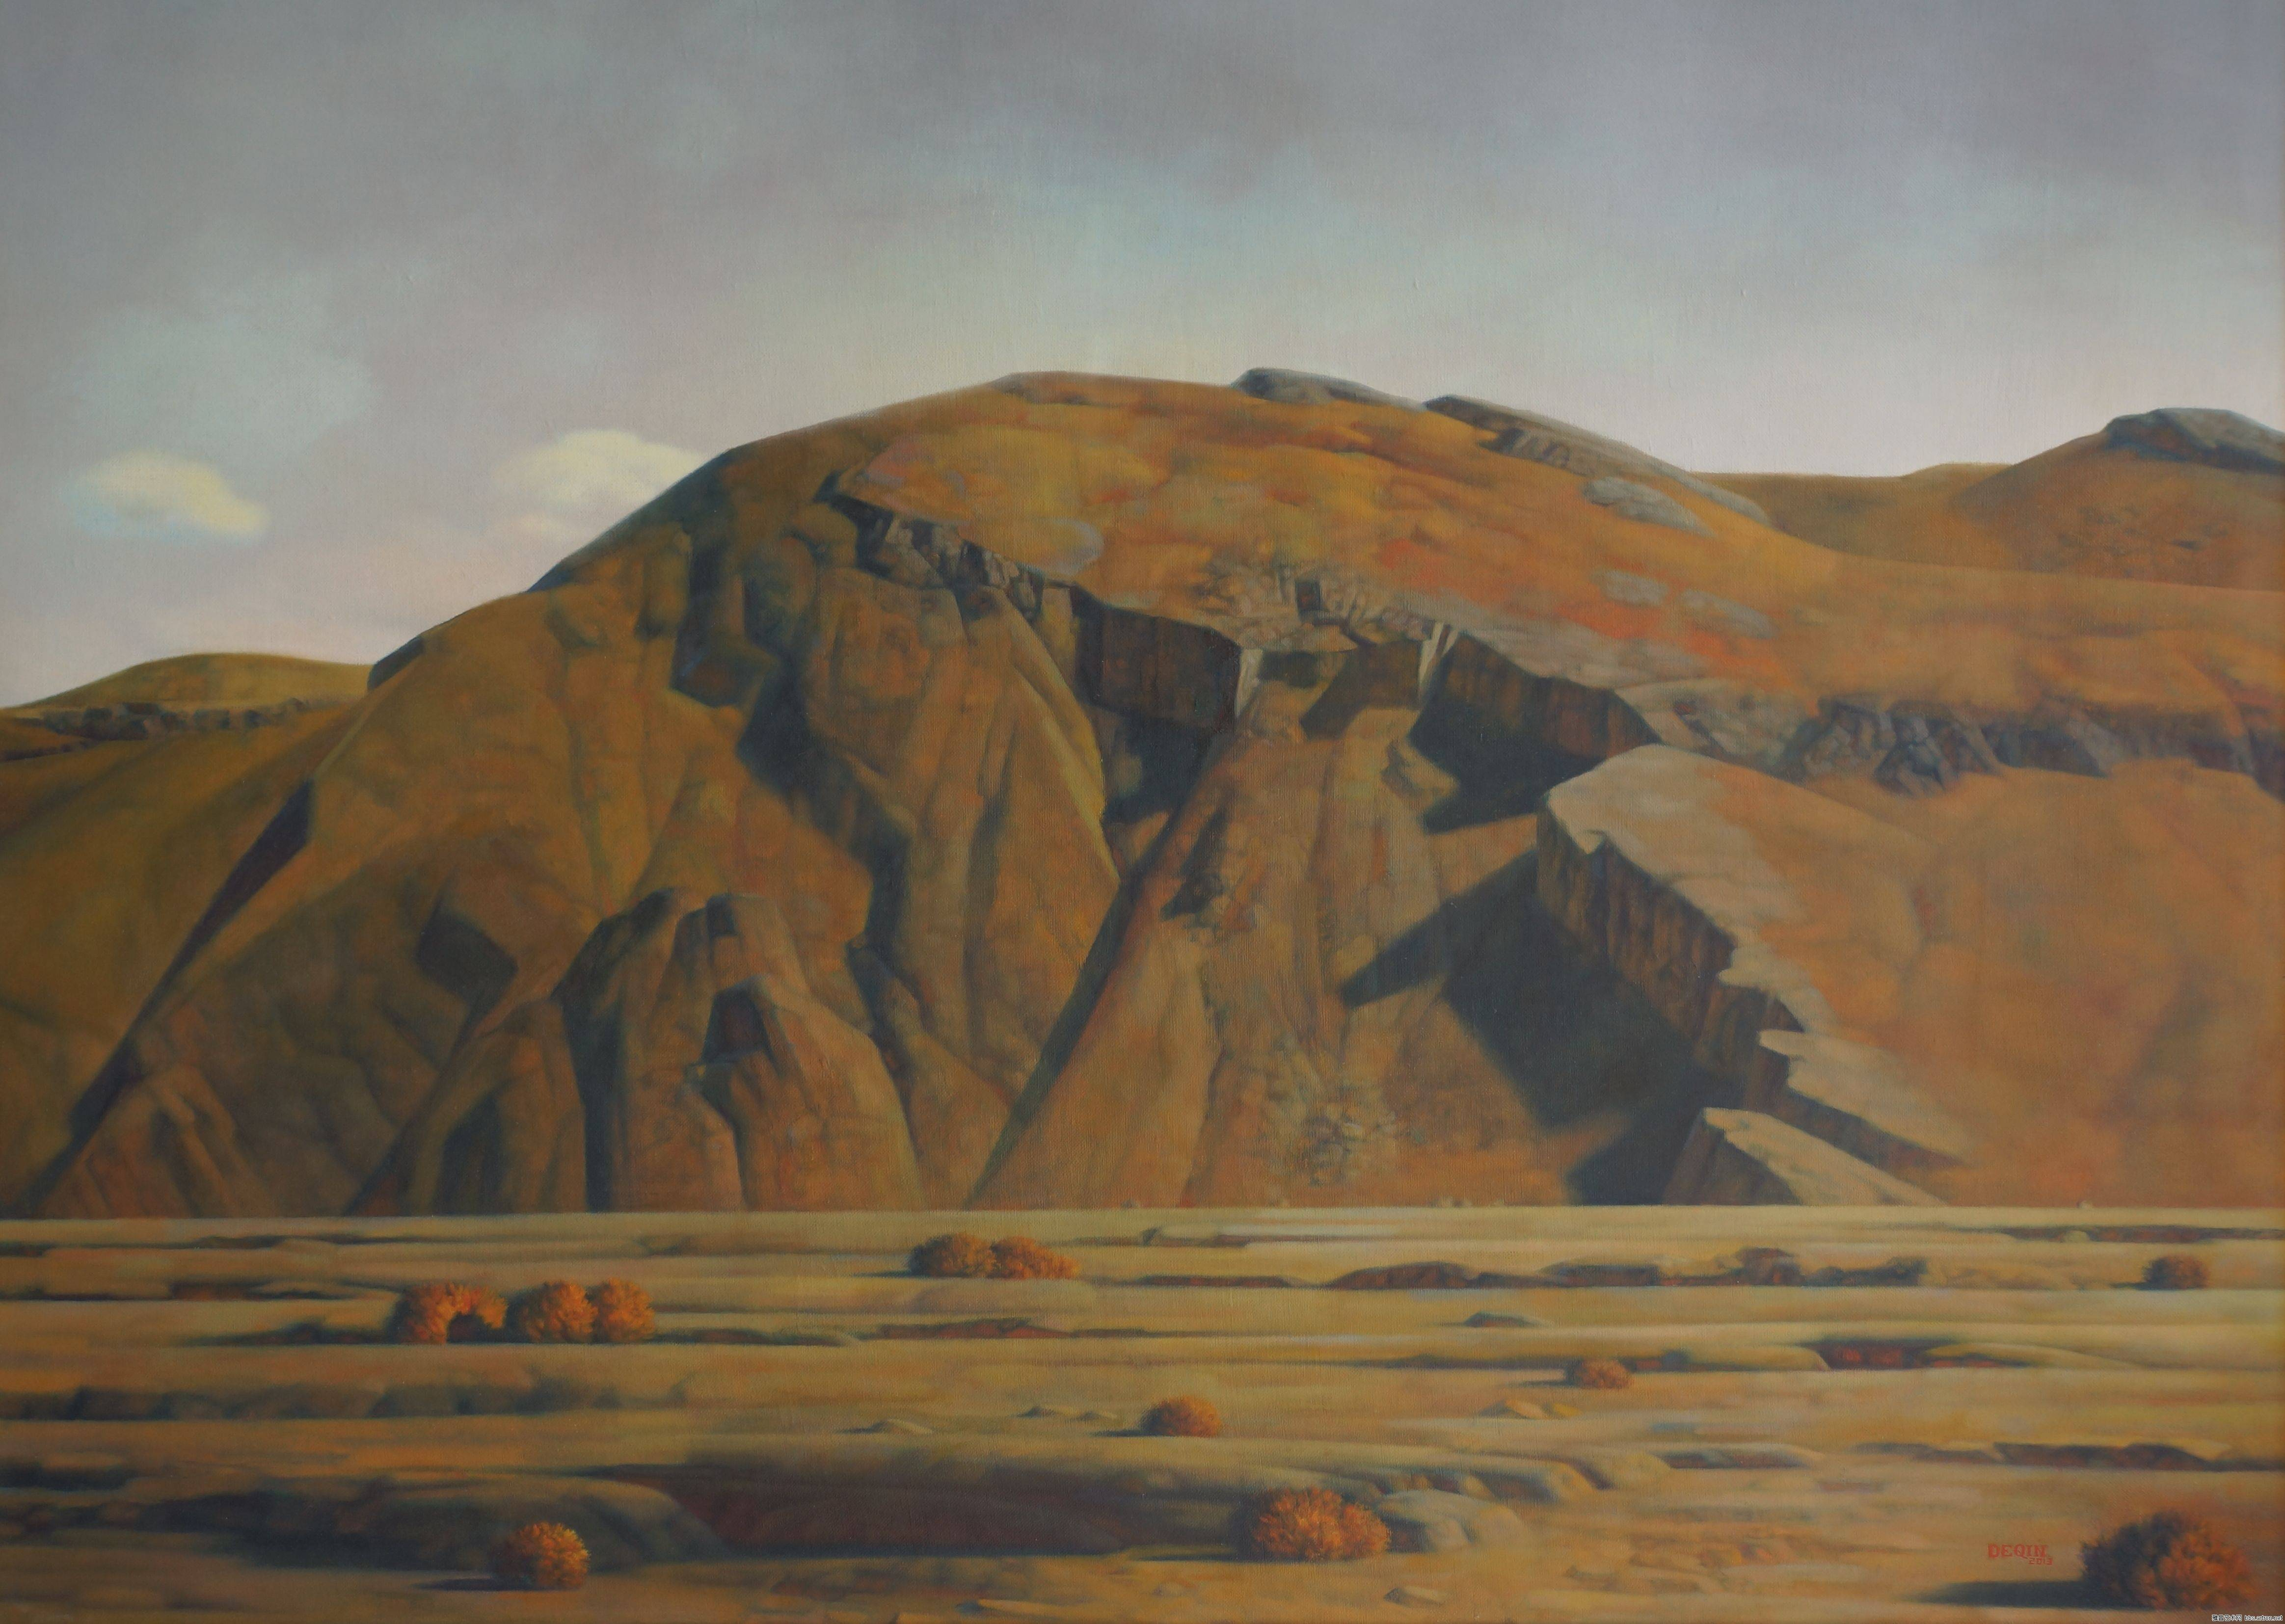 德钦老师的油画  蒙古草原 系列阿鲁科尔沁 第9张